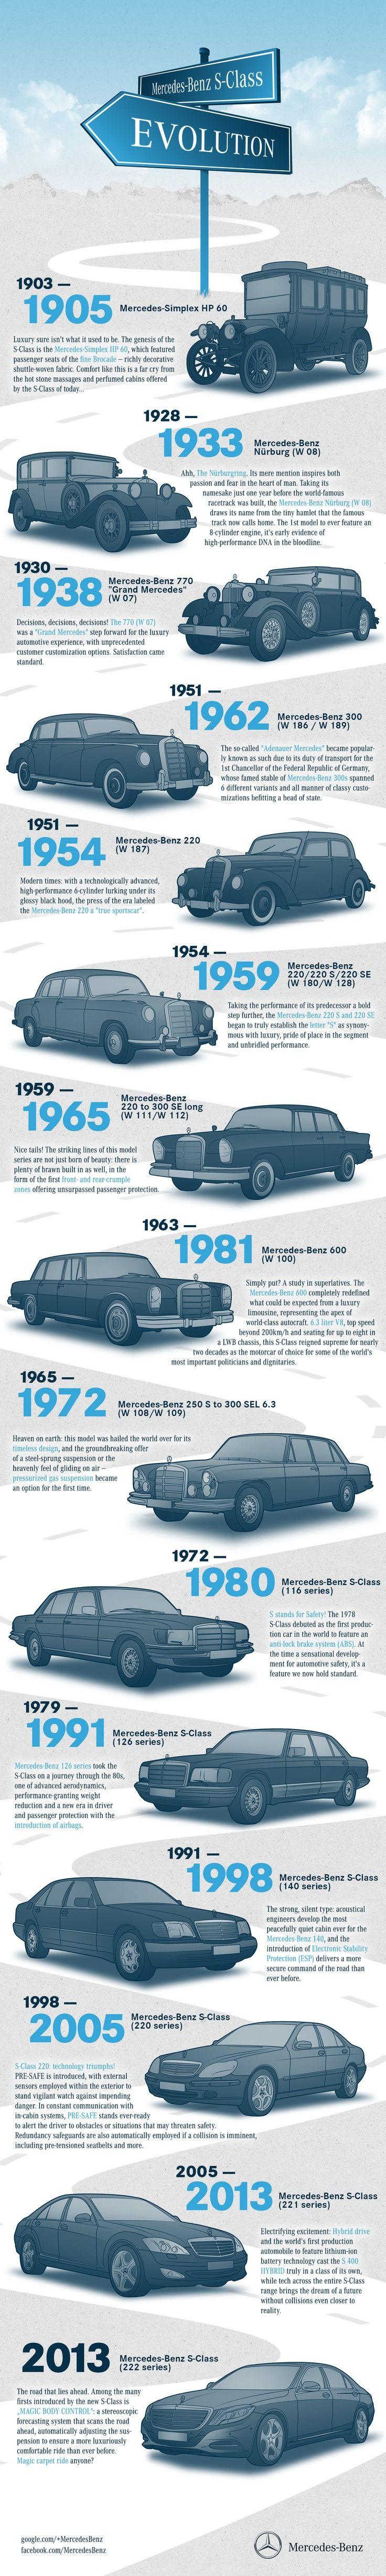 Mercedes-Benz S-class evolution 1905, 1933, 1938, 1962, 1954, 1959, 1965, 1981, 1972, 1980, 1991, 1998, 2005, 2013